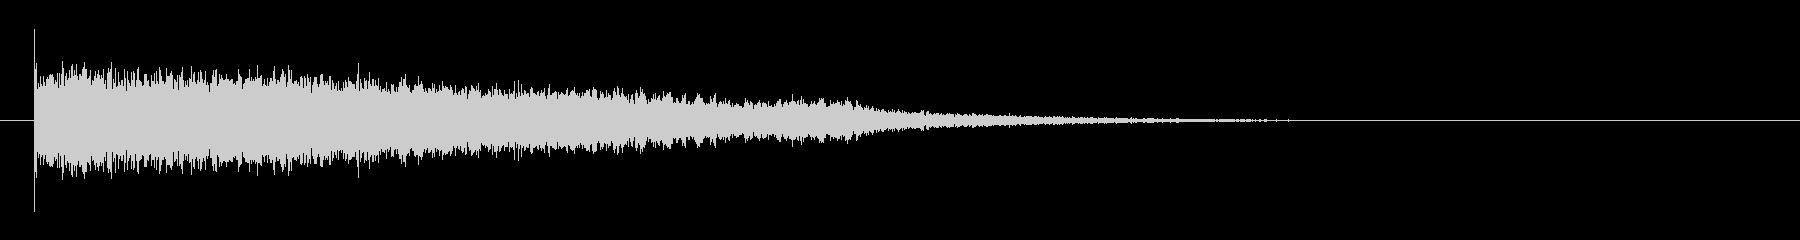 落下する時の効果音 「ヒューーーン」の未再生の波形